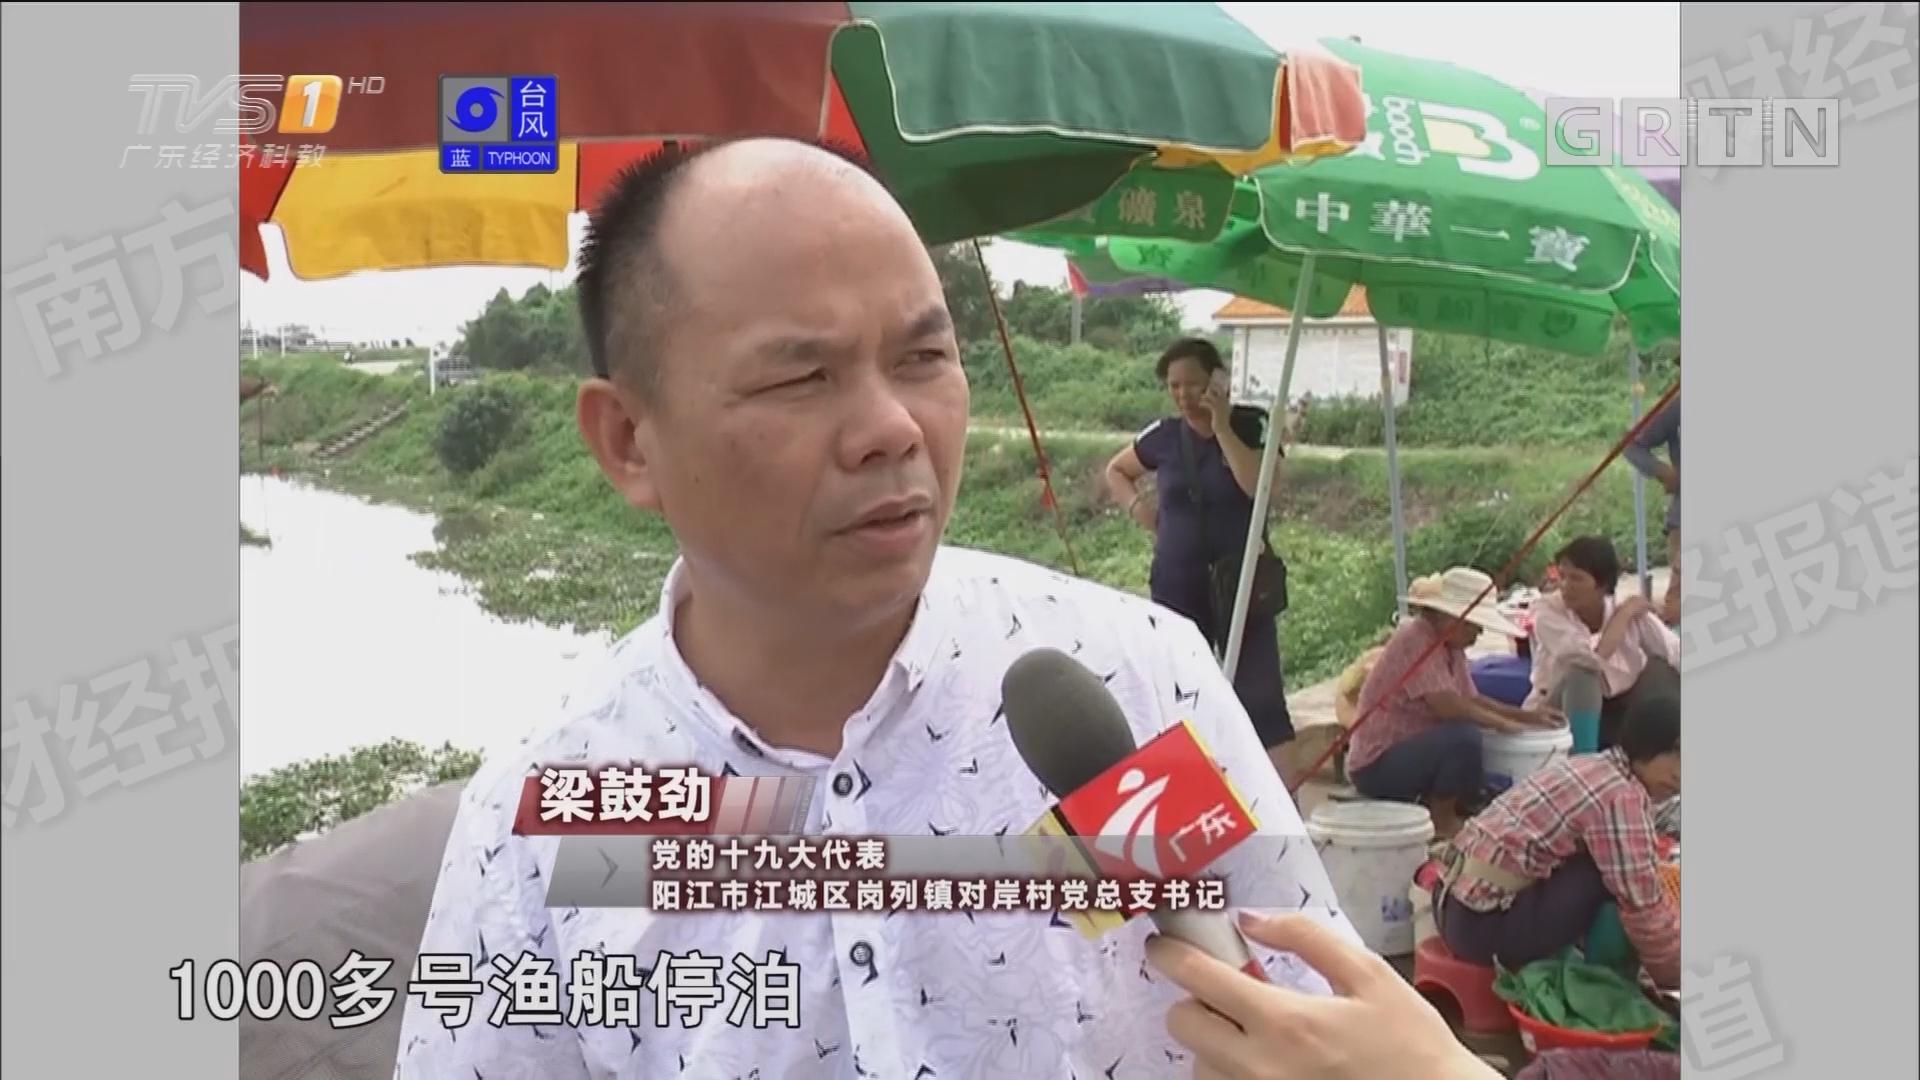 """党的十九大代表风采 梁鼓劲:让""""问题村""""变成文明村"""